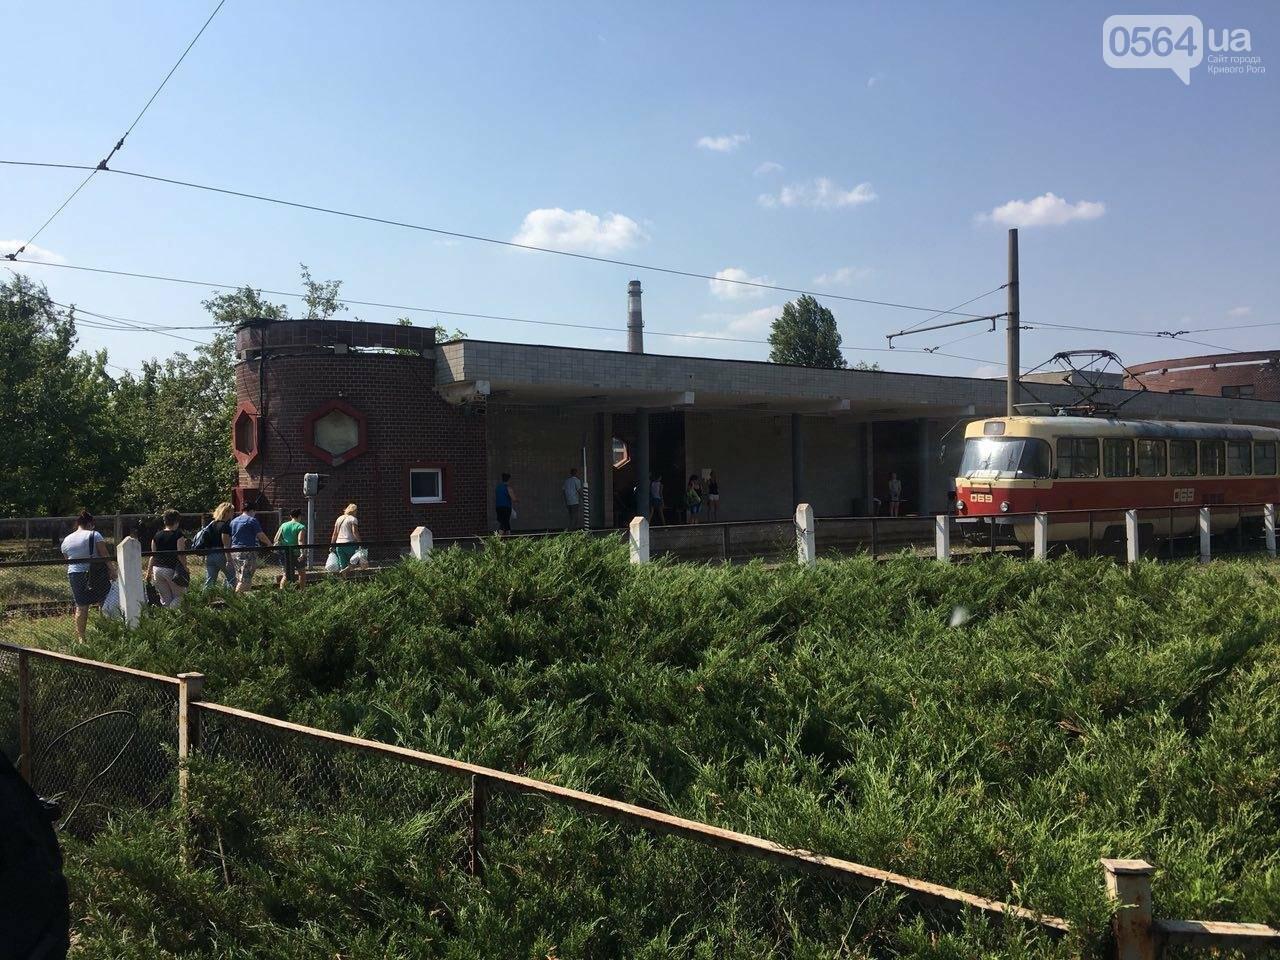 Из-за поломки скоростного трамвая, криворожане шли до ближайшей станции по рельсам, - ФОТО , фото-4